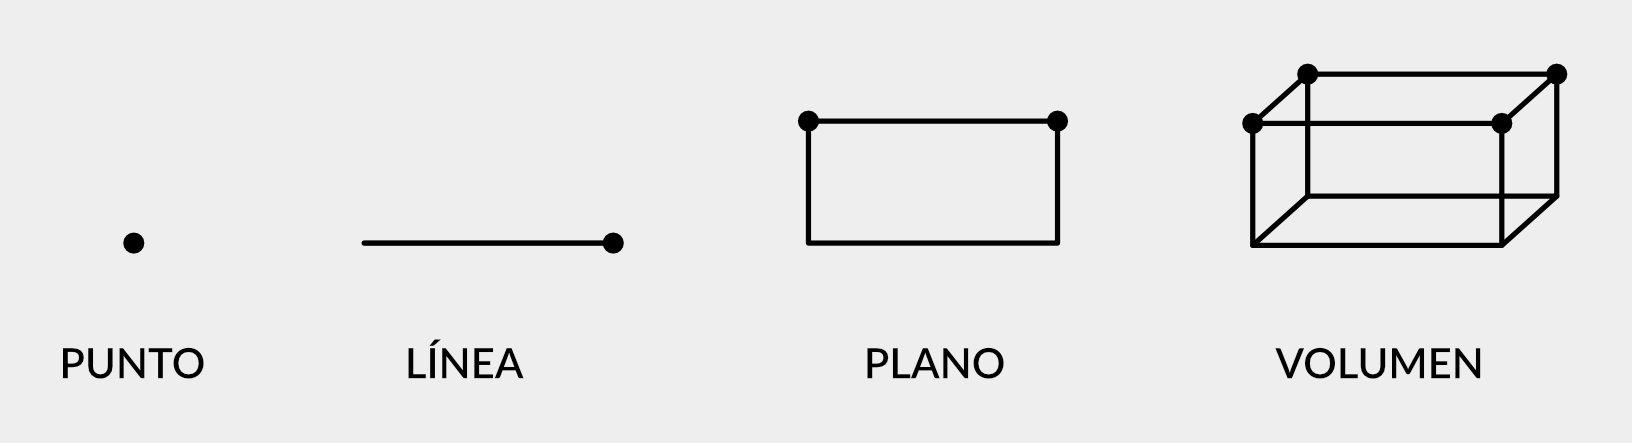 Volumen en el plano como elemento de diseño